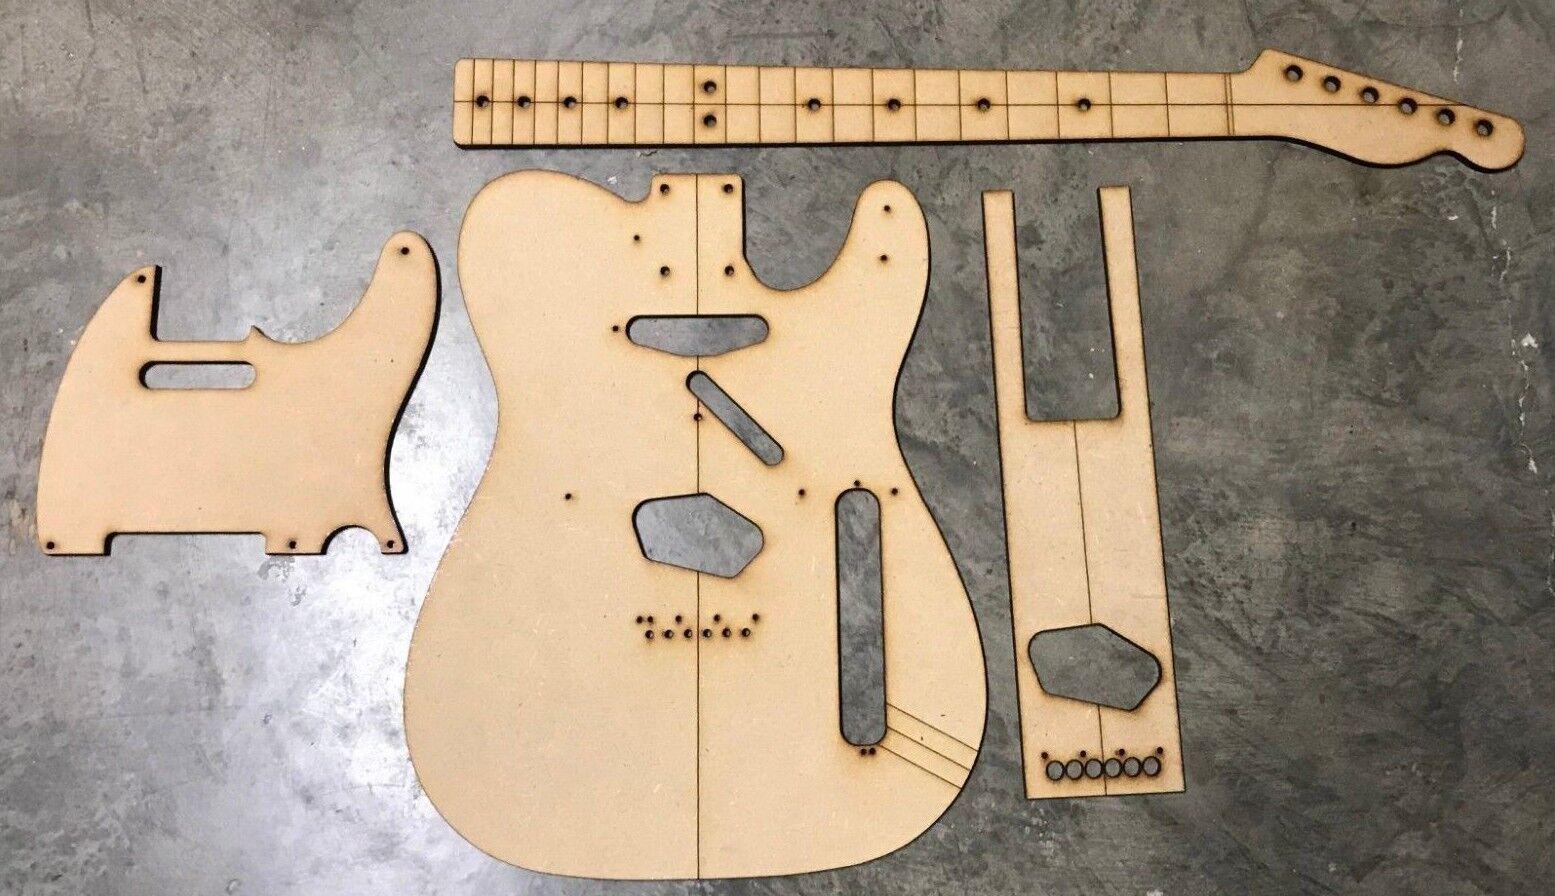 Clásico Telecaster Pickguard Luthier Luthier Luthier enrutamiento edificio Plus Plantillas  precio razonable